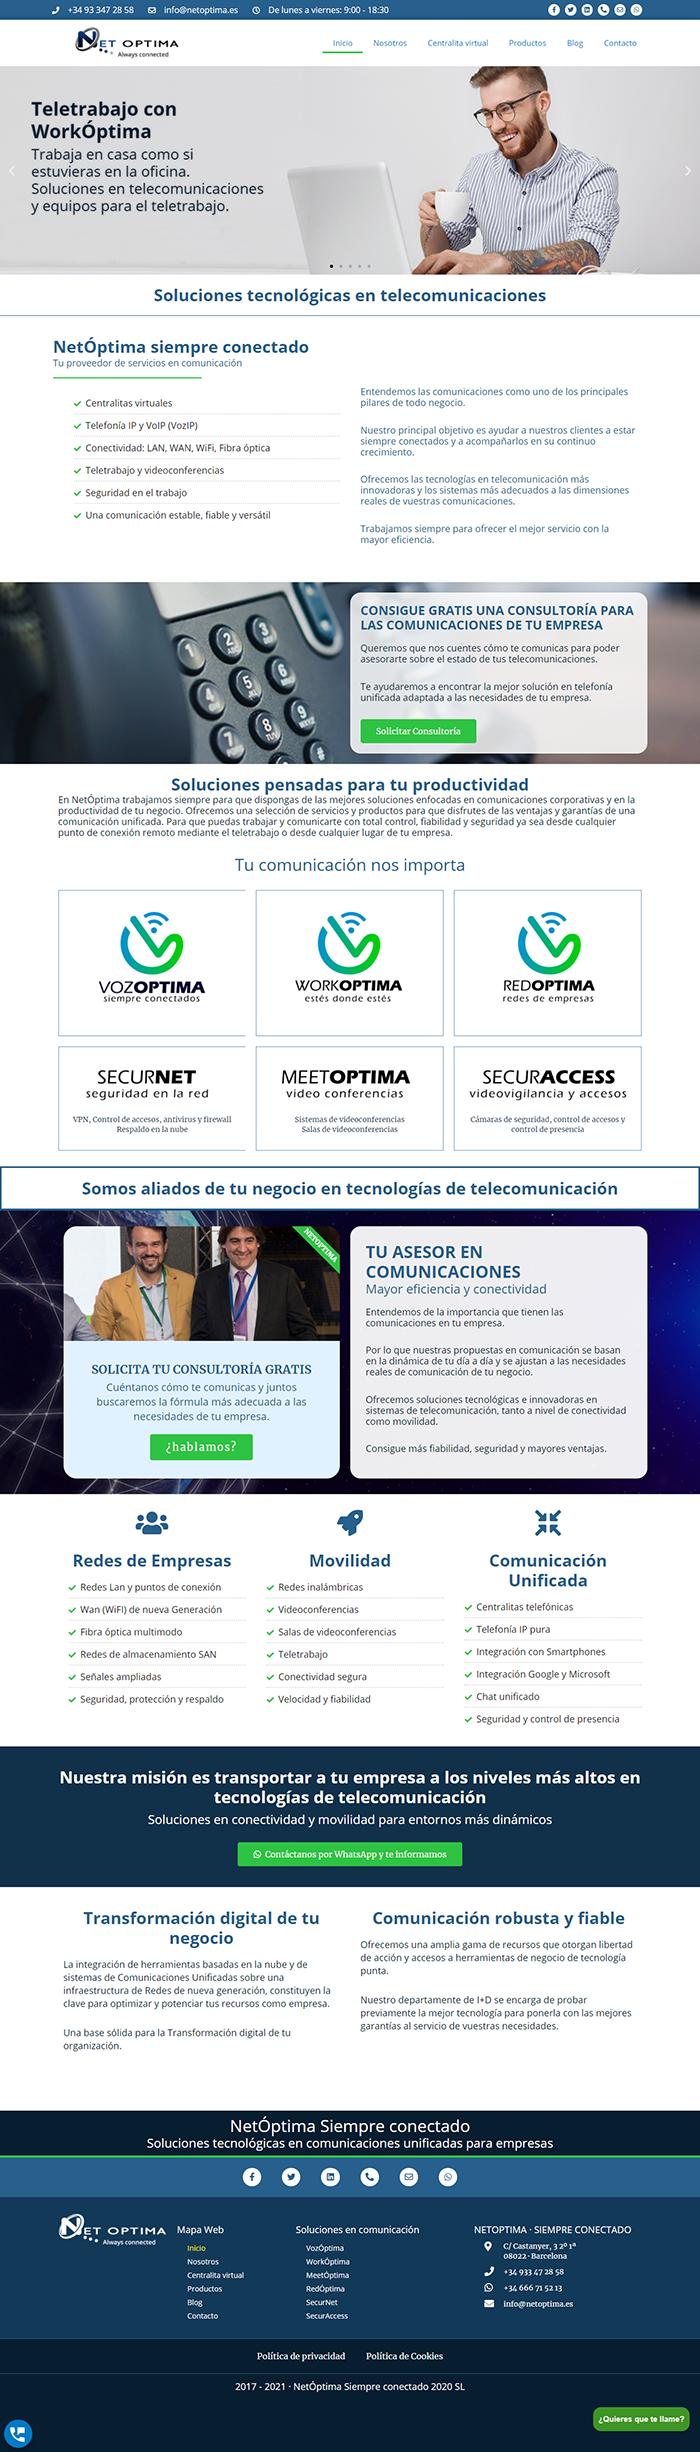 Creación de página web NetÓptima · Soluciones tecnológicas basadas en telefonía IP, centralitas virtuales y conectividad